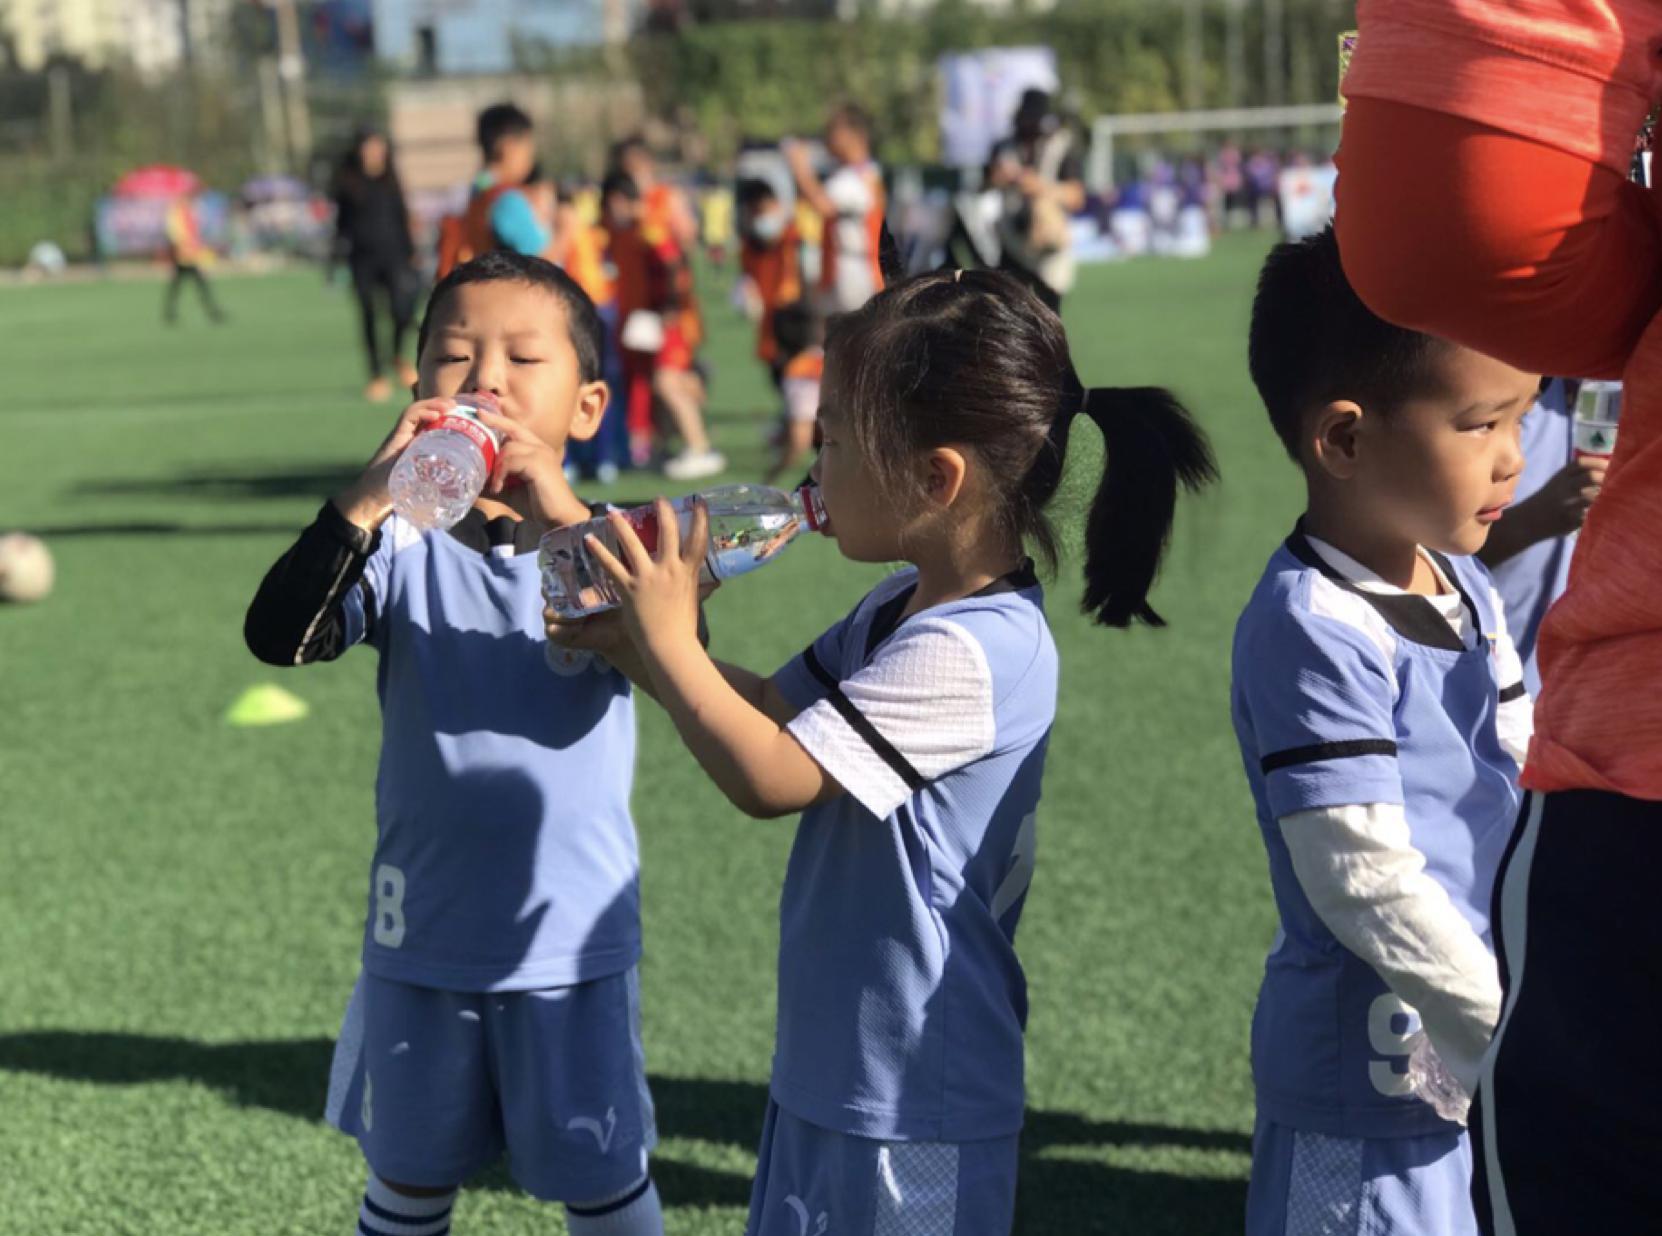 4岁小队员奔跑球场 丰台足协、卢沟桥教育集群举办足球嘉年华图片